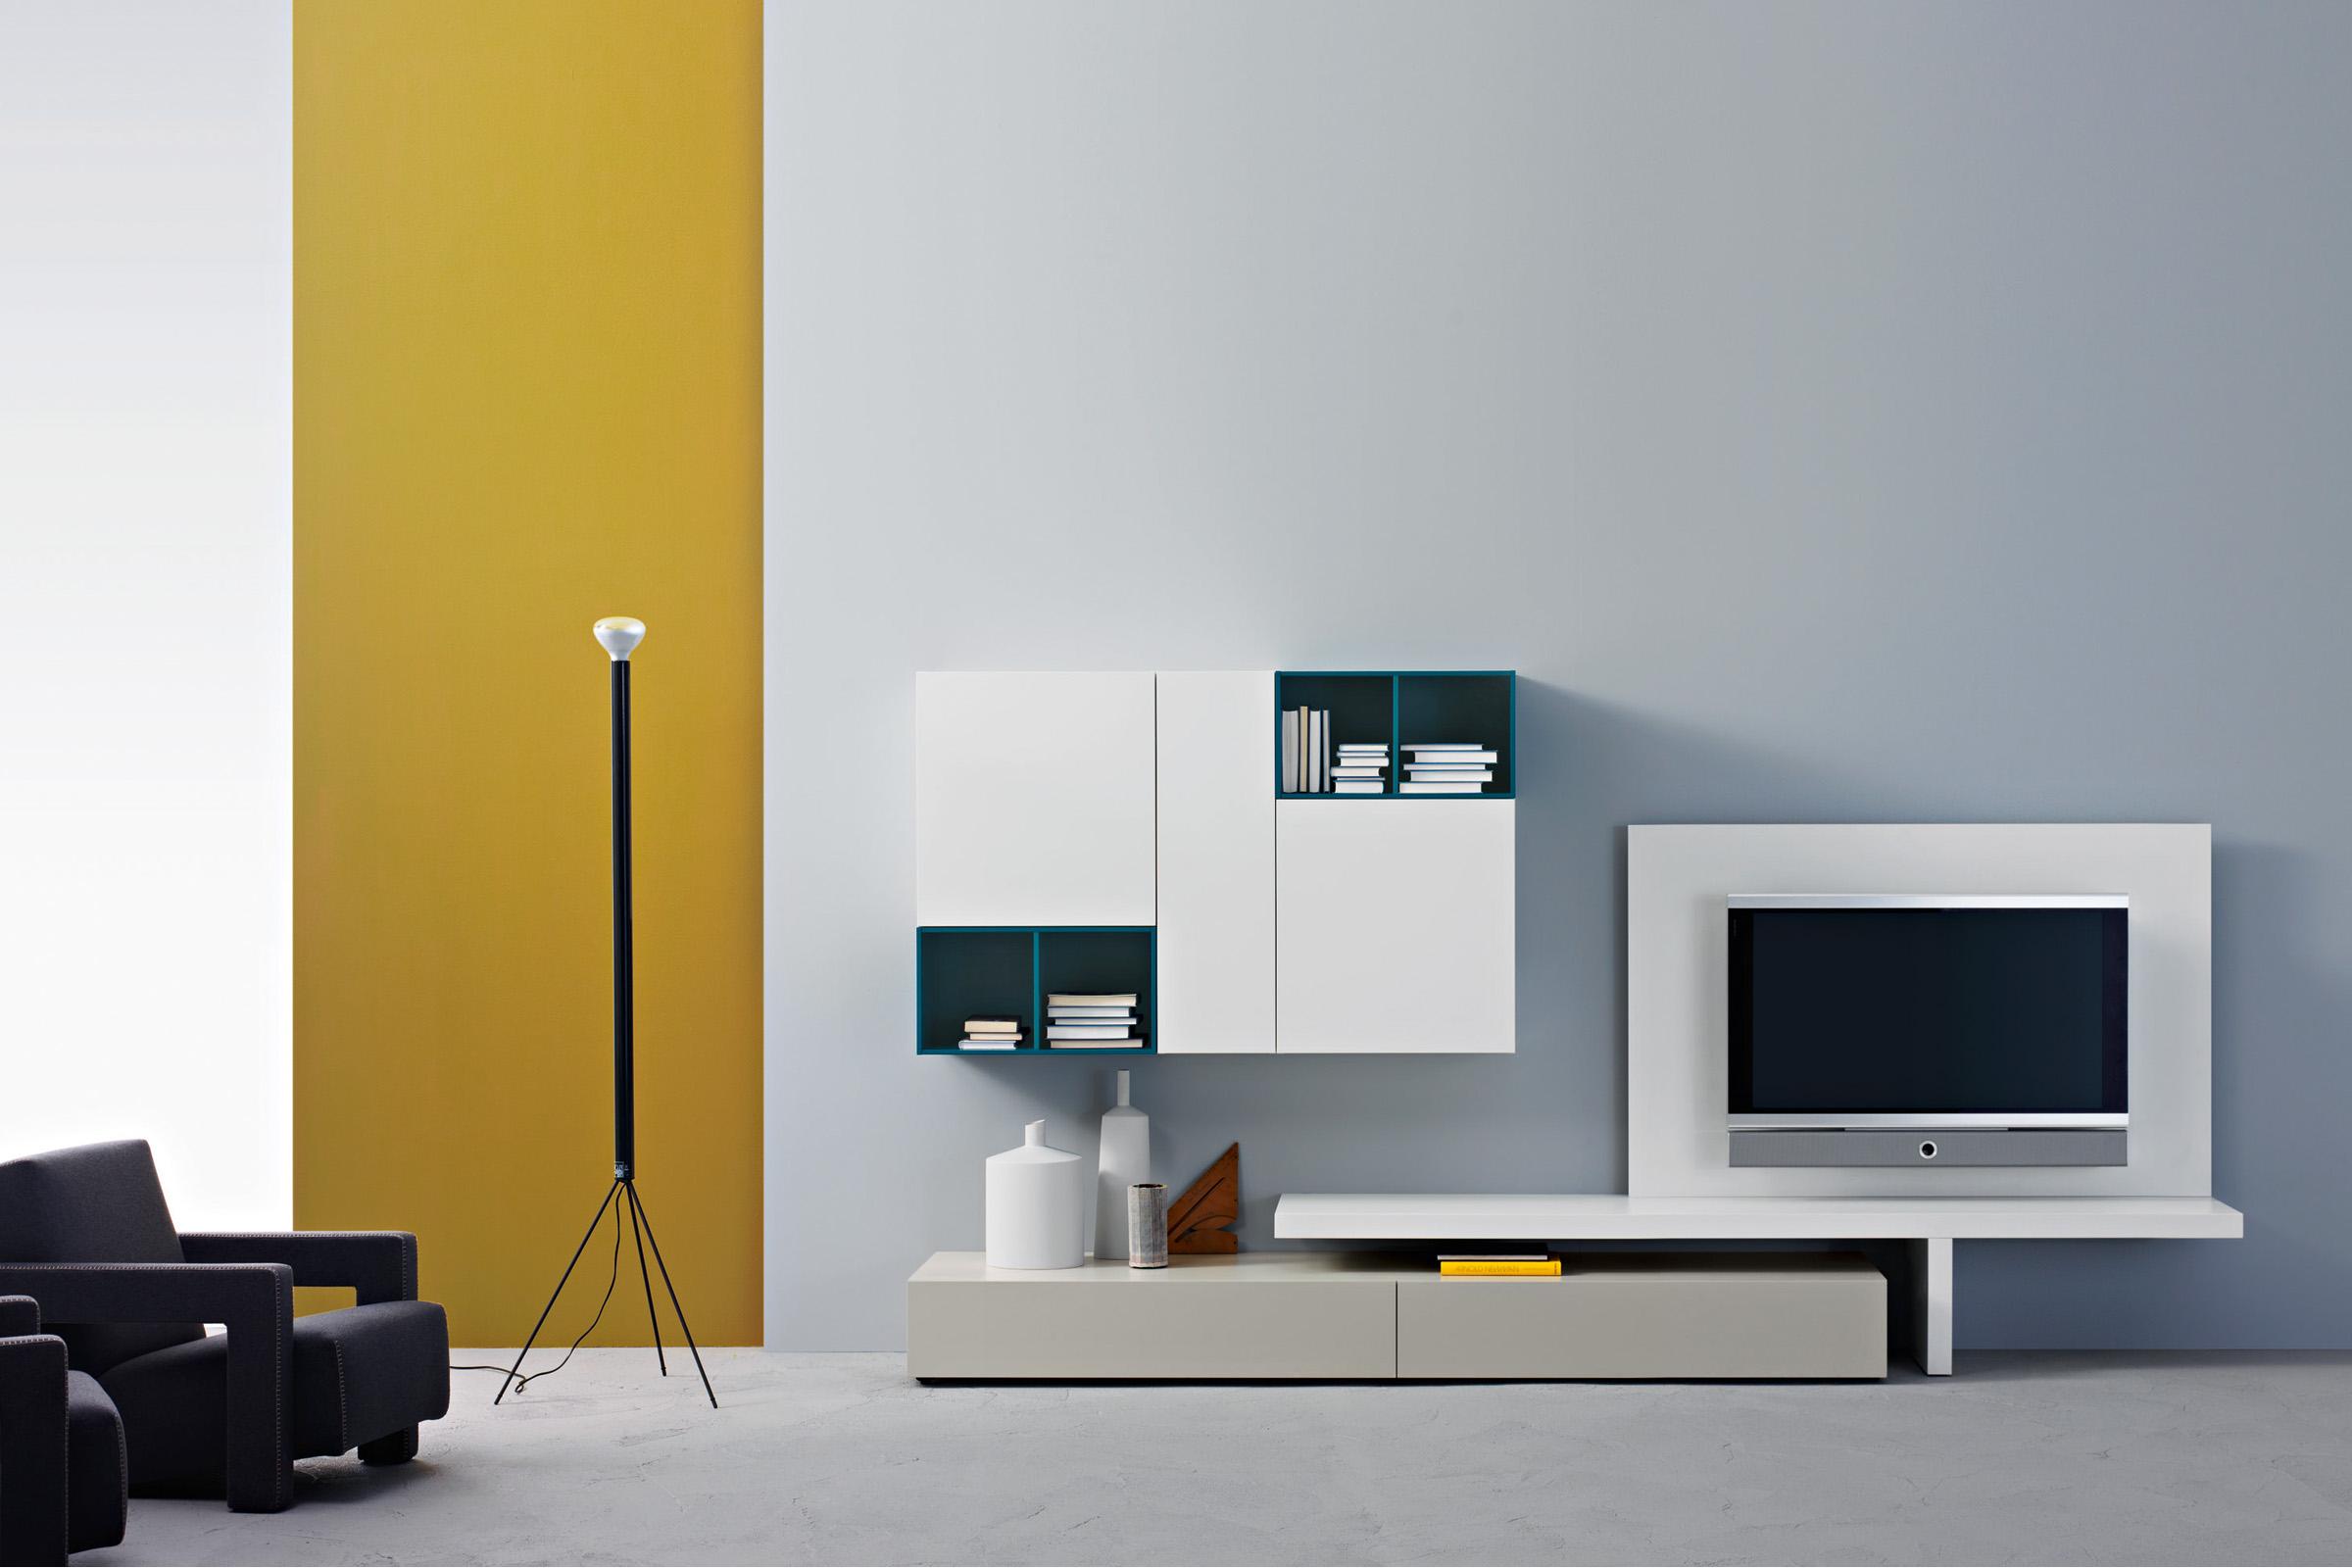 Soggiorno componibile moderno tutte le immagini per la - Immagini soggiorno moderno ...